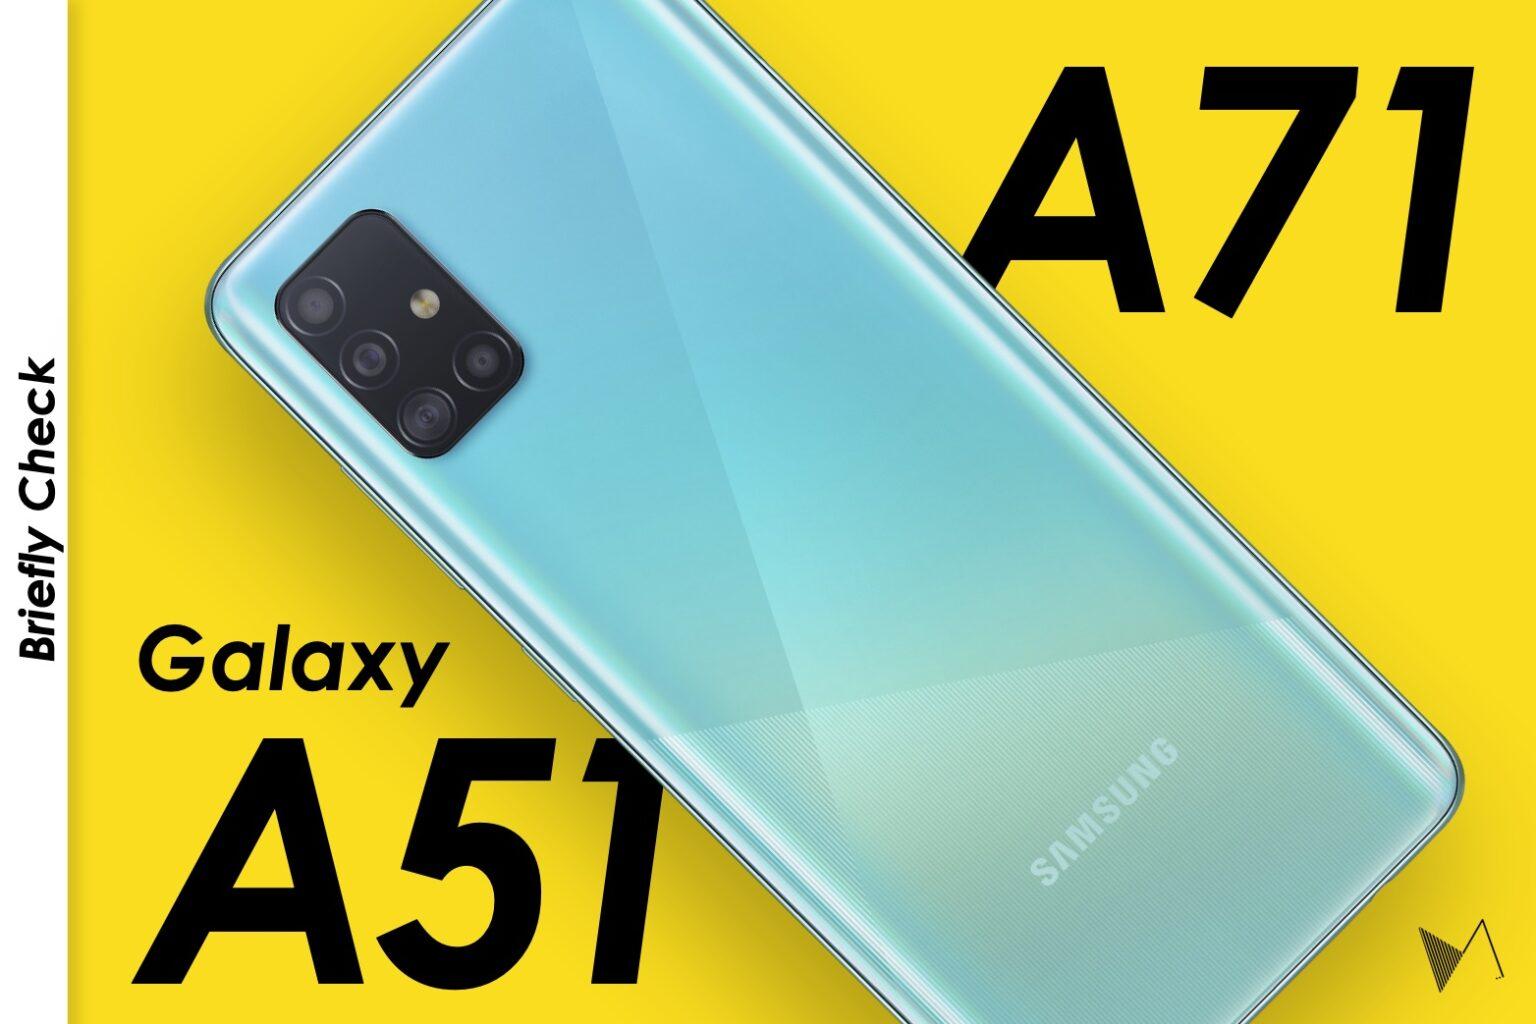 Galaxy A51 A71